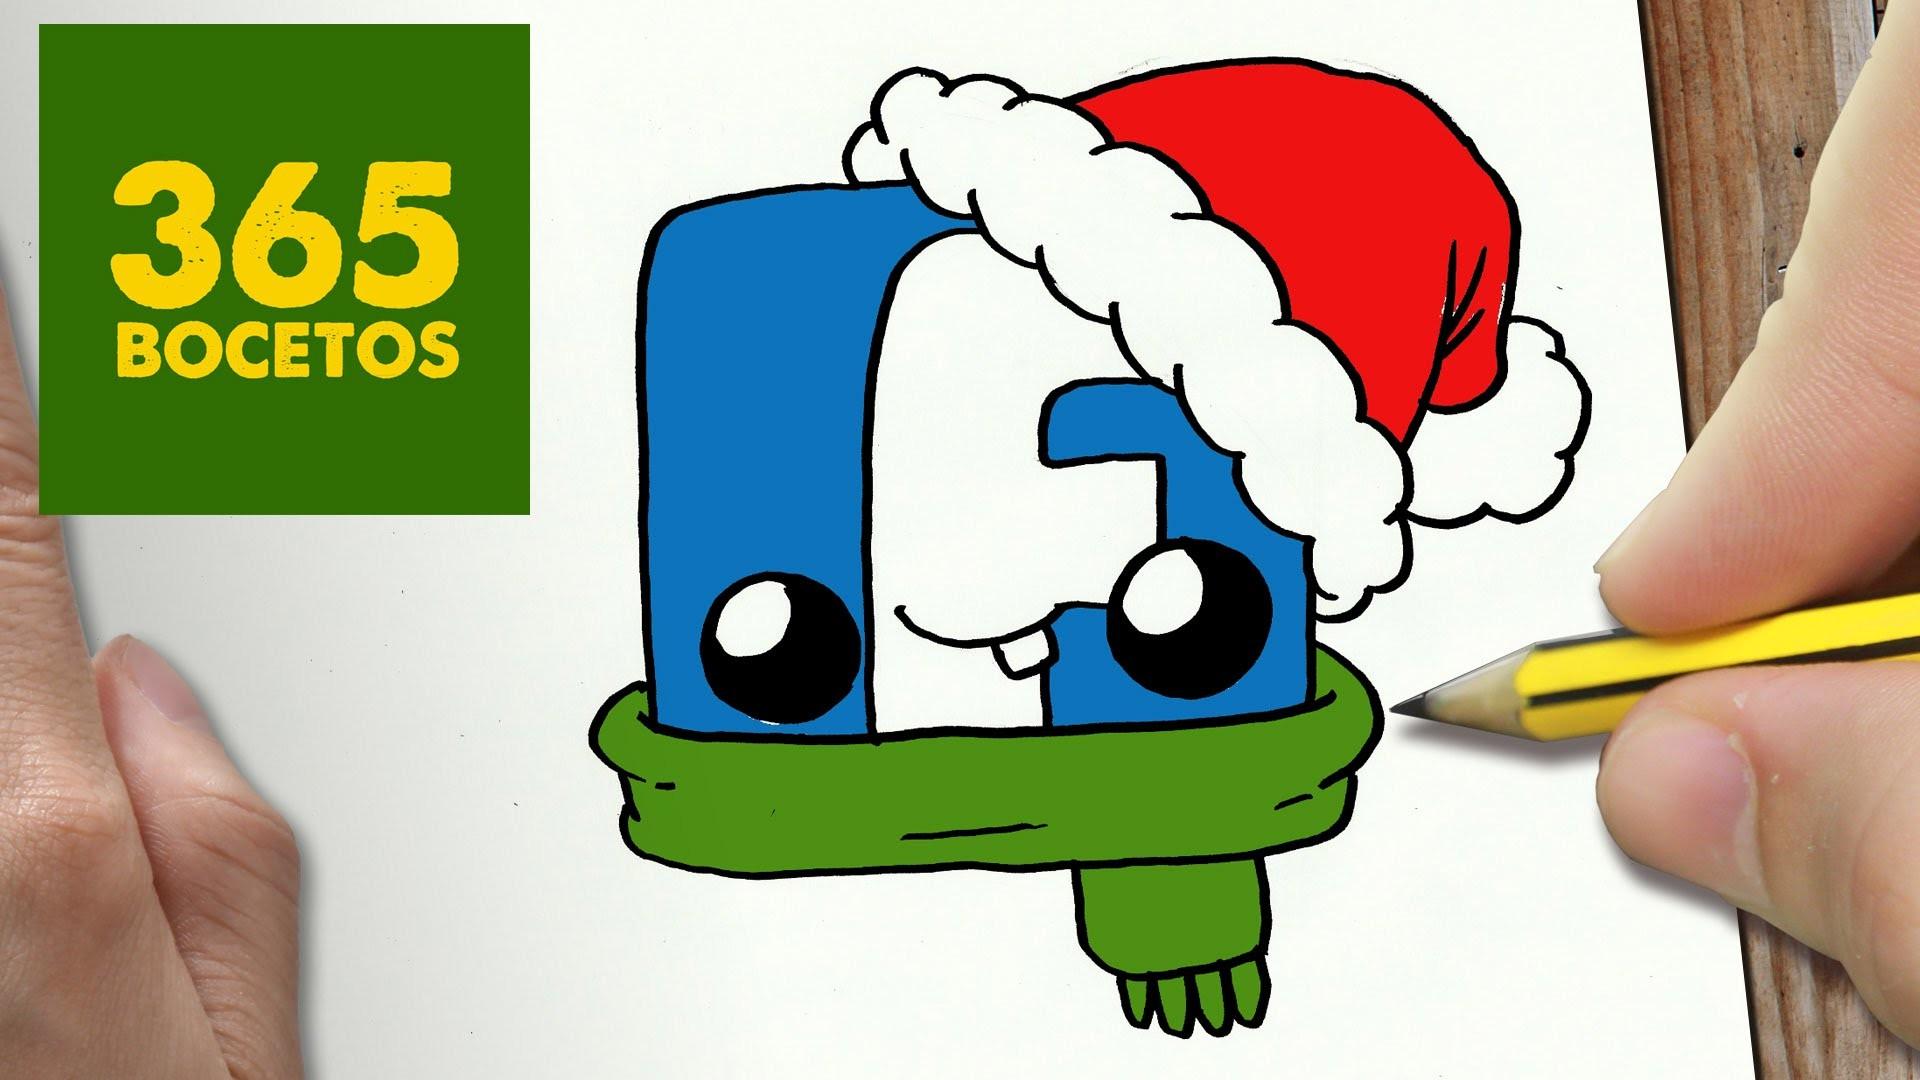 Como Dibujar Un Cuaderno Para Navidad Paso A Paso Dibujos: COMO DIBUJAR UN LOGO FACEBOOK PARA NAVIDAD PASO A PASO